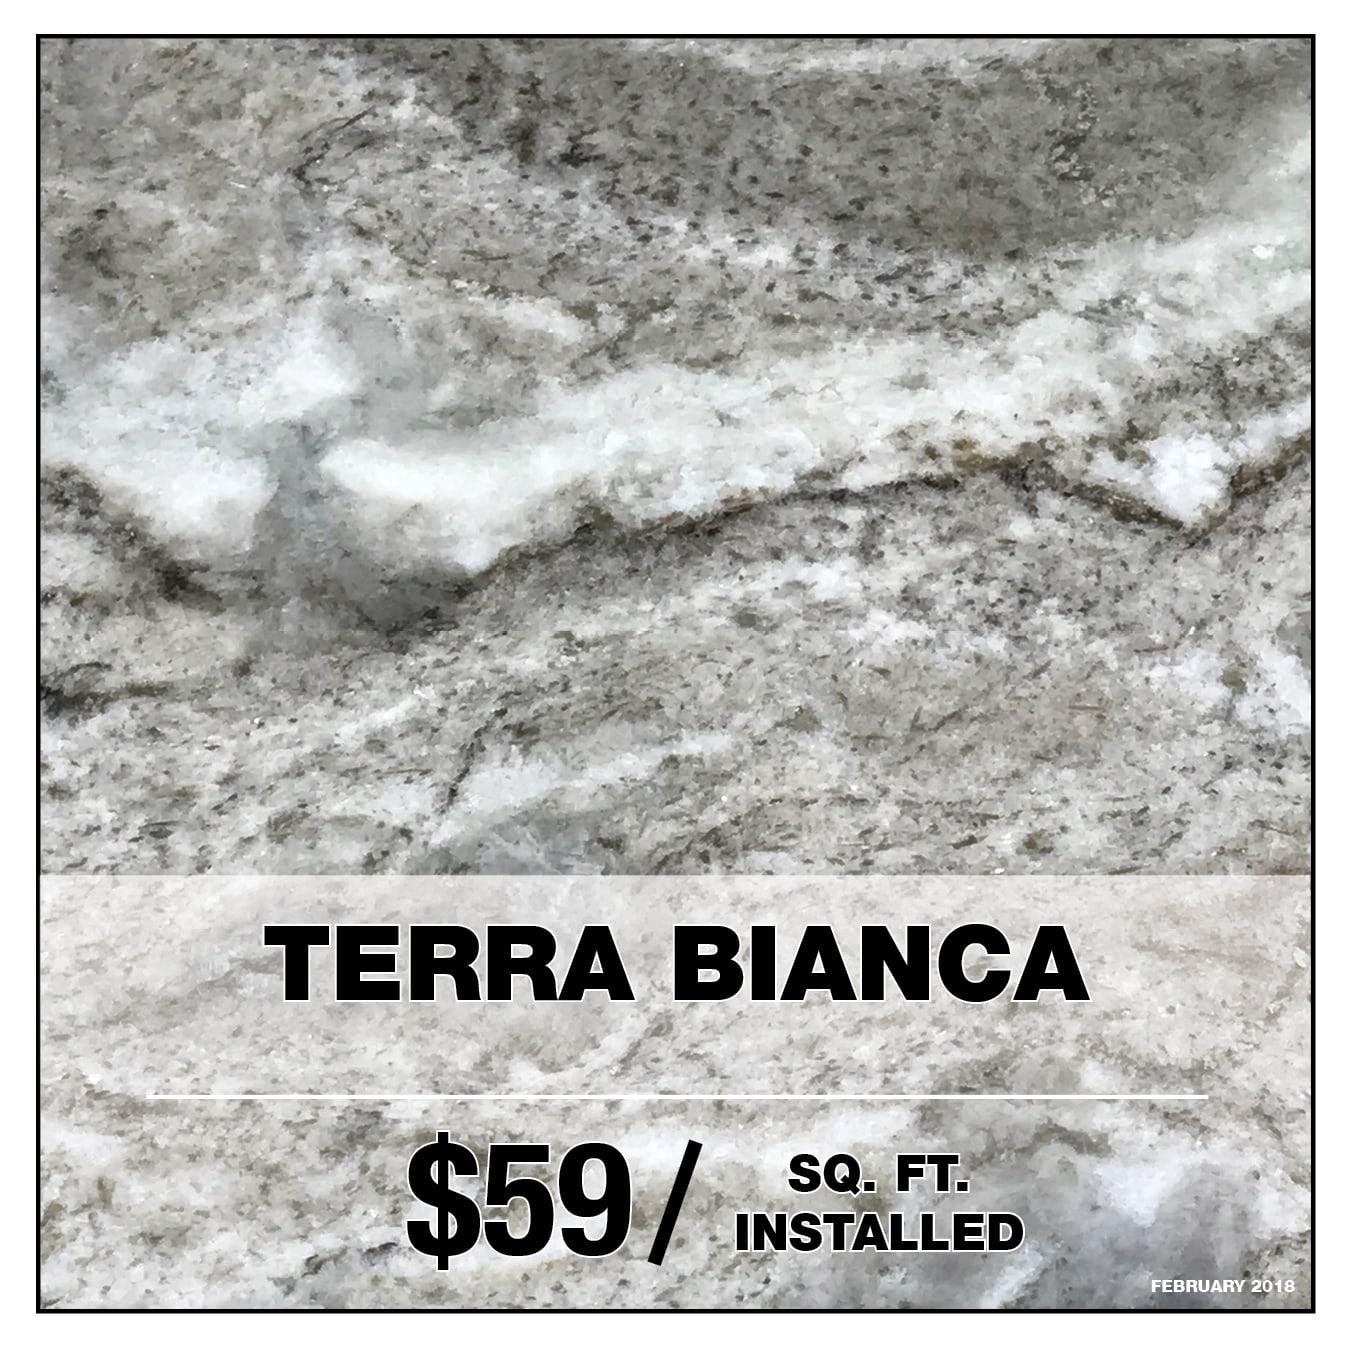 Terra Bianca